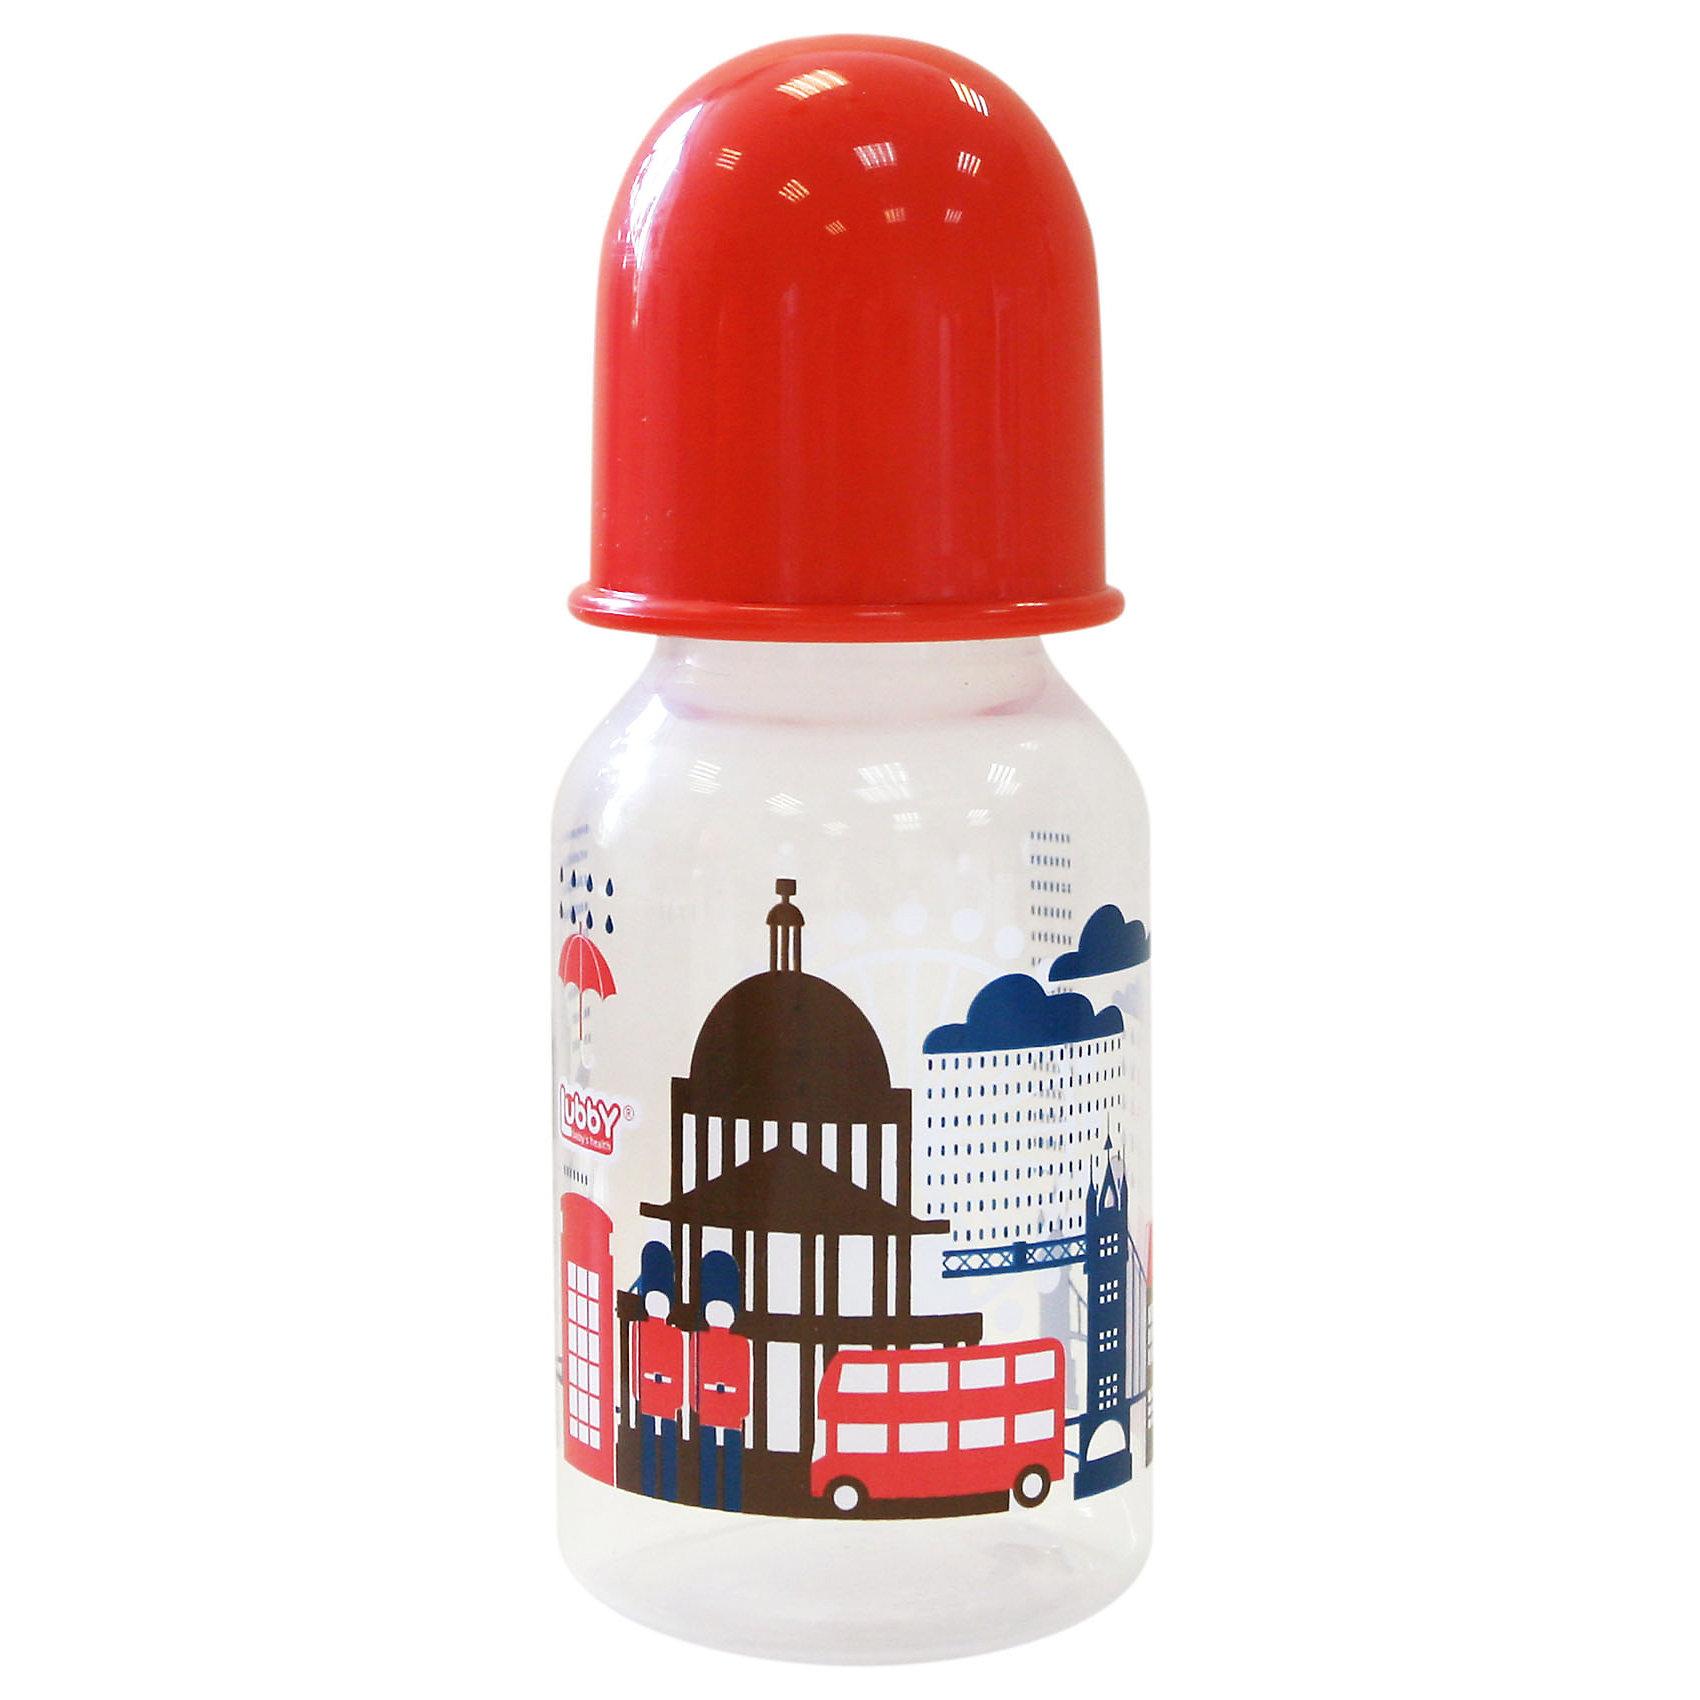 Бутылочка с соской Я люблю от 0 мес., 125-130 мл., LUBBY, красныйБутылочка с соской Я люблю от 0 мес., 125-130 мл., LUBBY, красный.<br><br>Характеристики:<br><br>- Комплектация: бутылочка, соска, кольцо, колпачок, заглушка<br>- Объем: 125-130 мл.<br>- Размер соски: М (средний поток)<br>- Цвет: красный<br>- Материал: бутылочка, кольцо, заглушка, колпачок – полипропилен; соска – силикон<br>- Не содержит Бисфенол-А<br>- Размер упаковки: 60х60х145 мм.<br>- Вес: 48 гр.<br>- Срок службы: бутылочки - 1год, соски - 45 дней<br><br>Удобная бутылочка Я люблю с мягкой силиконовой соской предназначена для комфортного искусственного или смешанного вскармливания малышей. Бутылочка изготовлена из полипропилена, в составе которого отсутствуют вредные вещества. Соска размера М (средний поток) изготовлена из силикона - прочного гипоаллергенного материала, который не вступает в химическую реакцию со слюной, хорошо стерилизуется, не теряет форму и не впитывает запахи. Закупоривающийся диск легко вставляется в завинчивающееся кольцо, что позволяет бутылочке оставаться герметичной даже во время сильной встряски. Изделие с широким горлышком легко моется и заполняется. Стильный дизайн бутылочки с изображением Лондона понравится мамам и малышам.<br><br>Бутылочку с соской Я люблю от 0 мес., 125-130 мл., LUBBY, красную можно купить в нашем интернет-магазине.<br><br>Ширина мм: 60<br>Глубина мм: 60<br>Высота мм: 145<br>Вес г: 350<br>Возраст от месяцев: 0<br>Возраст до месяцев: 18<br>Пол: Унисекс<br>Возраст: Детский<br>SKU: 5039266